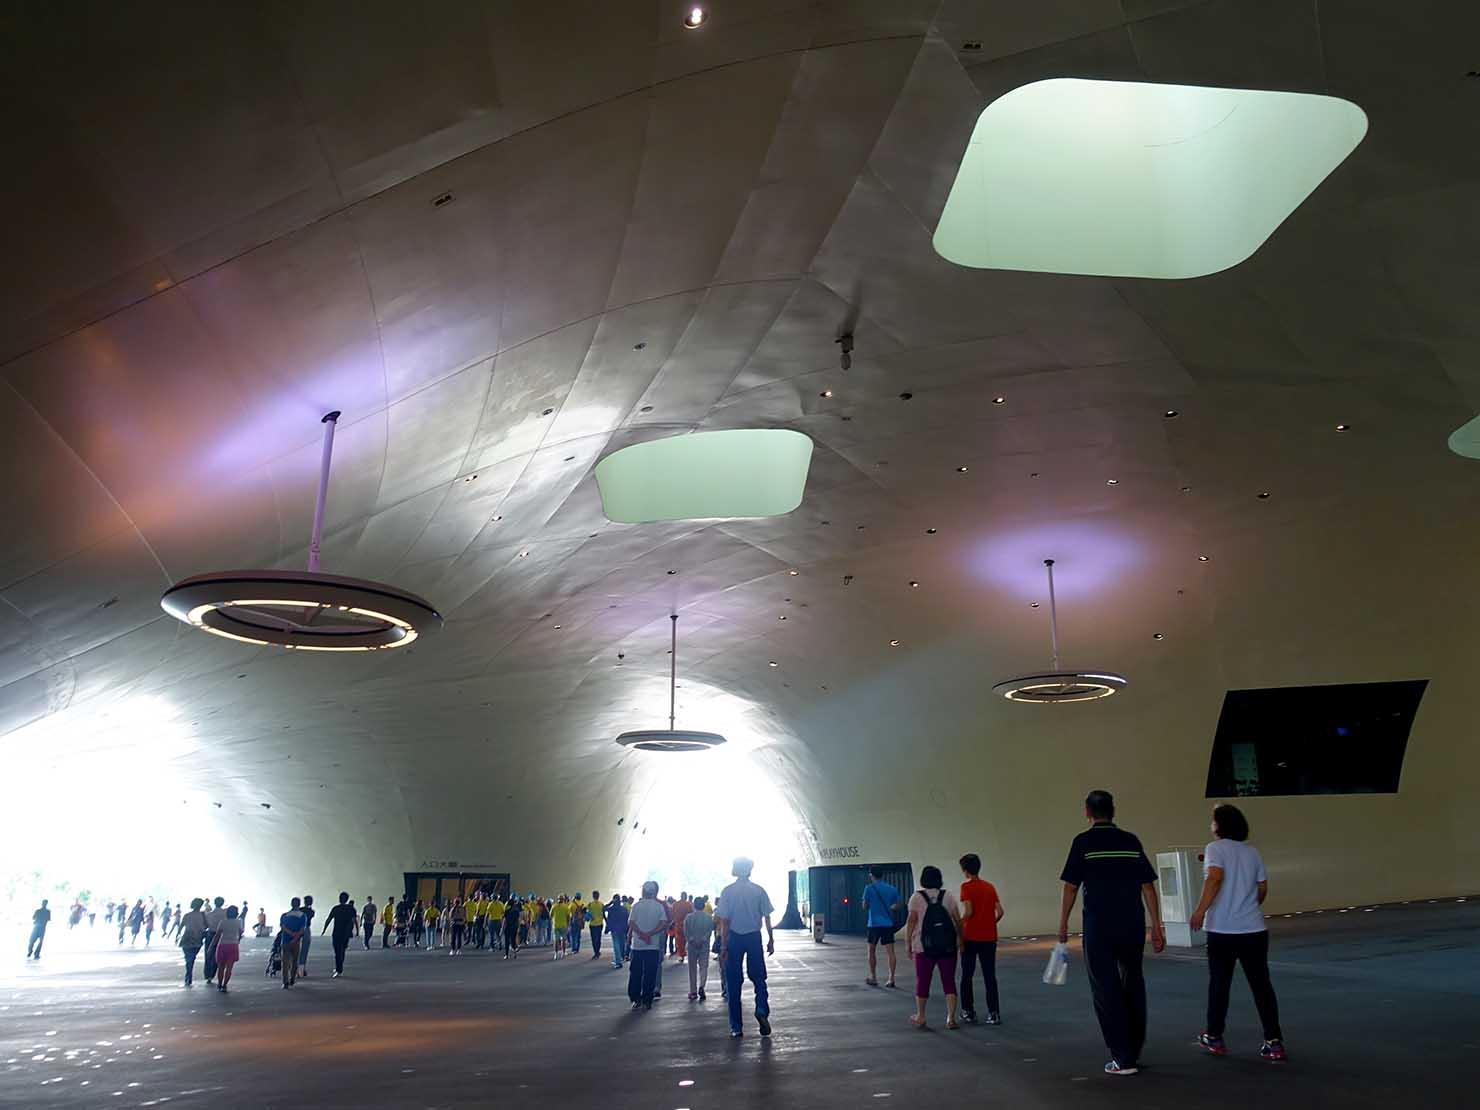 高雄のおすすめ観光スポット「衛武營」國家藝術文化中心のエントランス